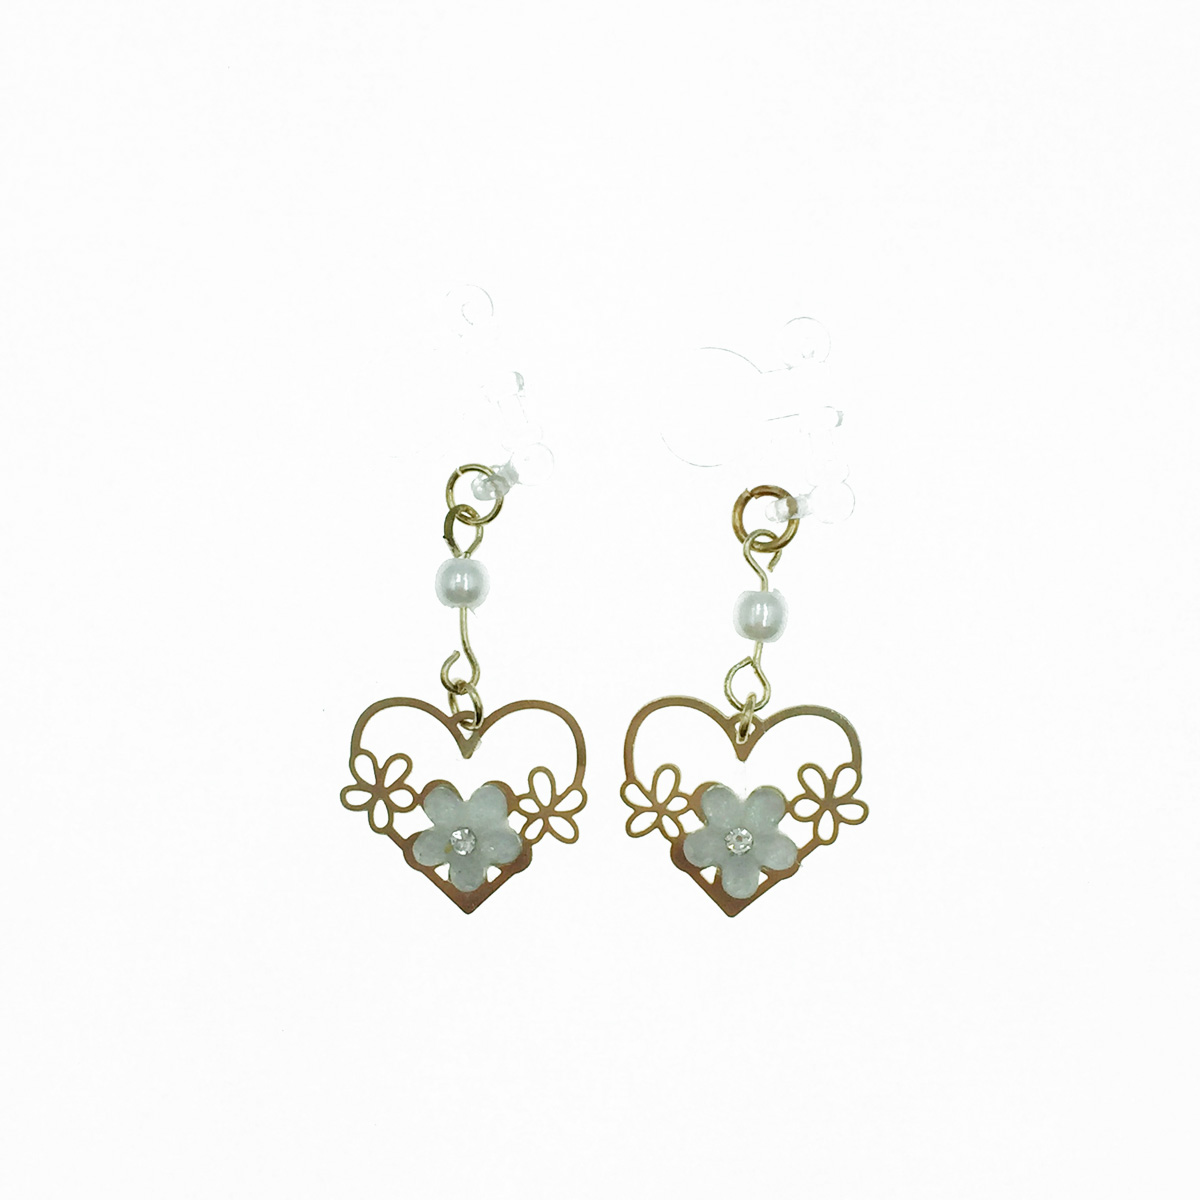 韓國 簍空愛心 花 水鑽小白花 珍珠 可愛甜美 垂墜感 夾式耳環